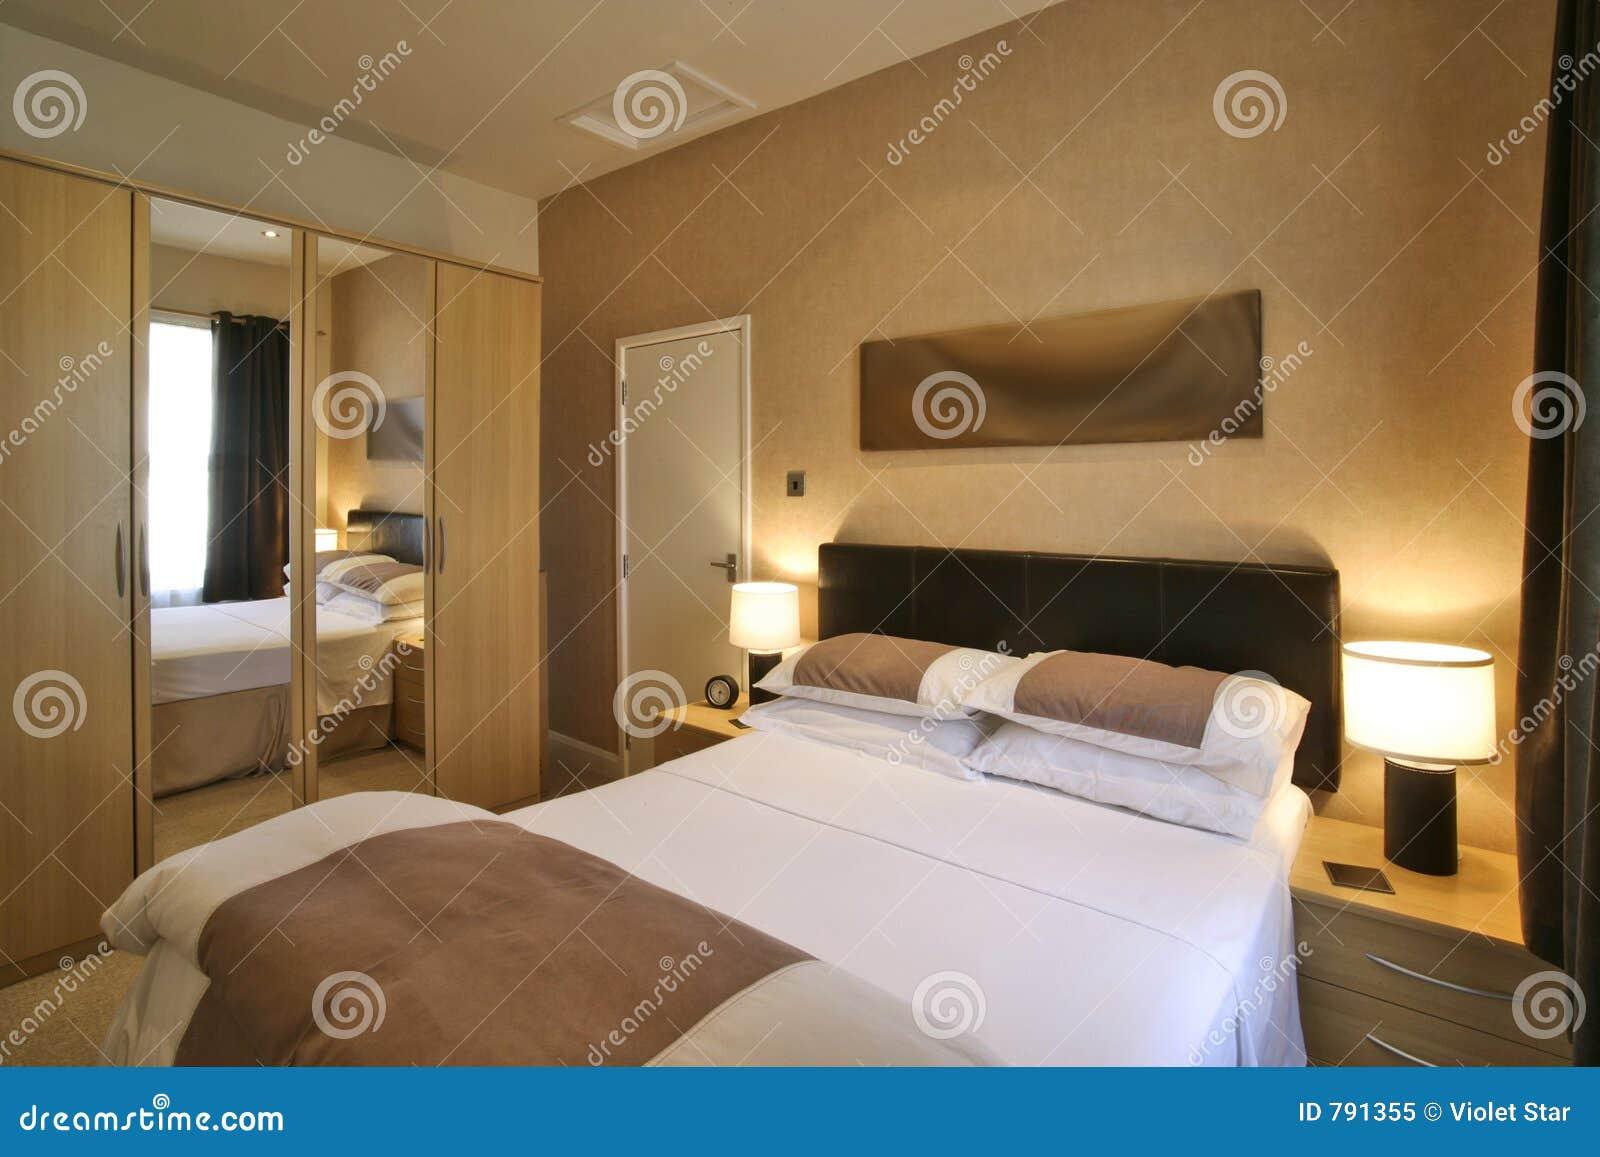 Chambre coucher de luxe photo libre de droits image for Achat de chambre a coucher